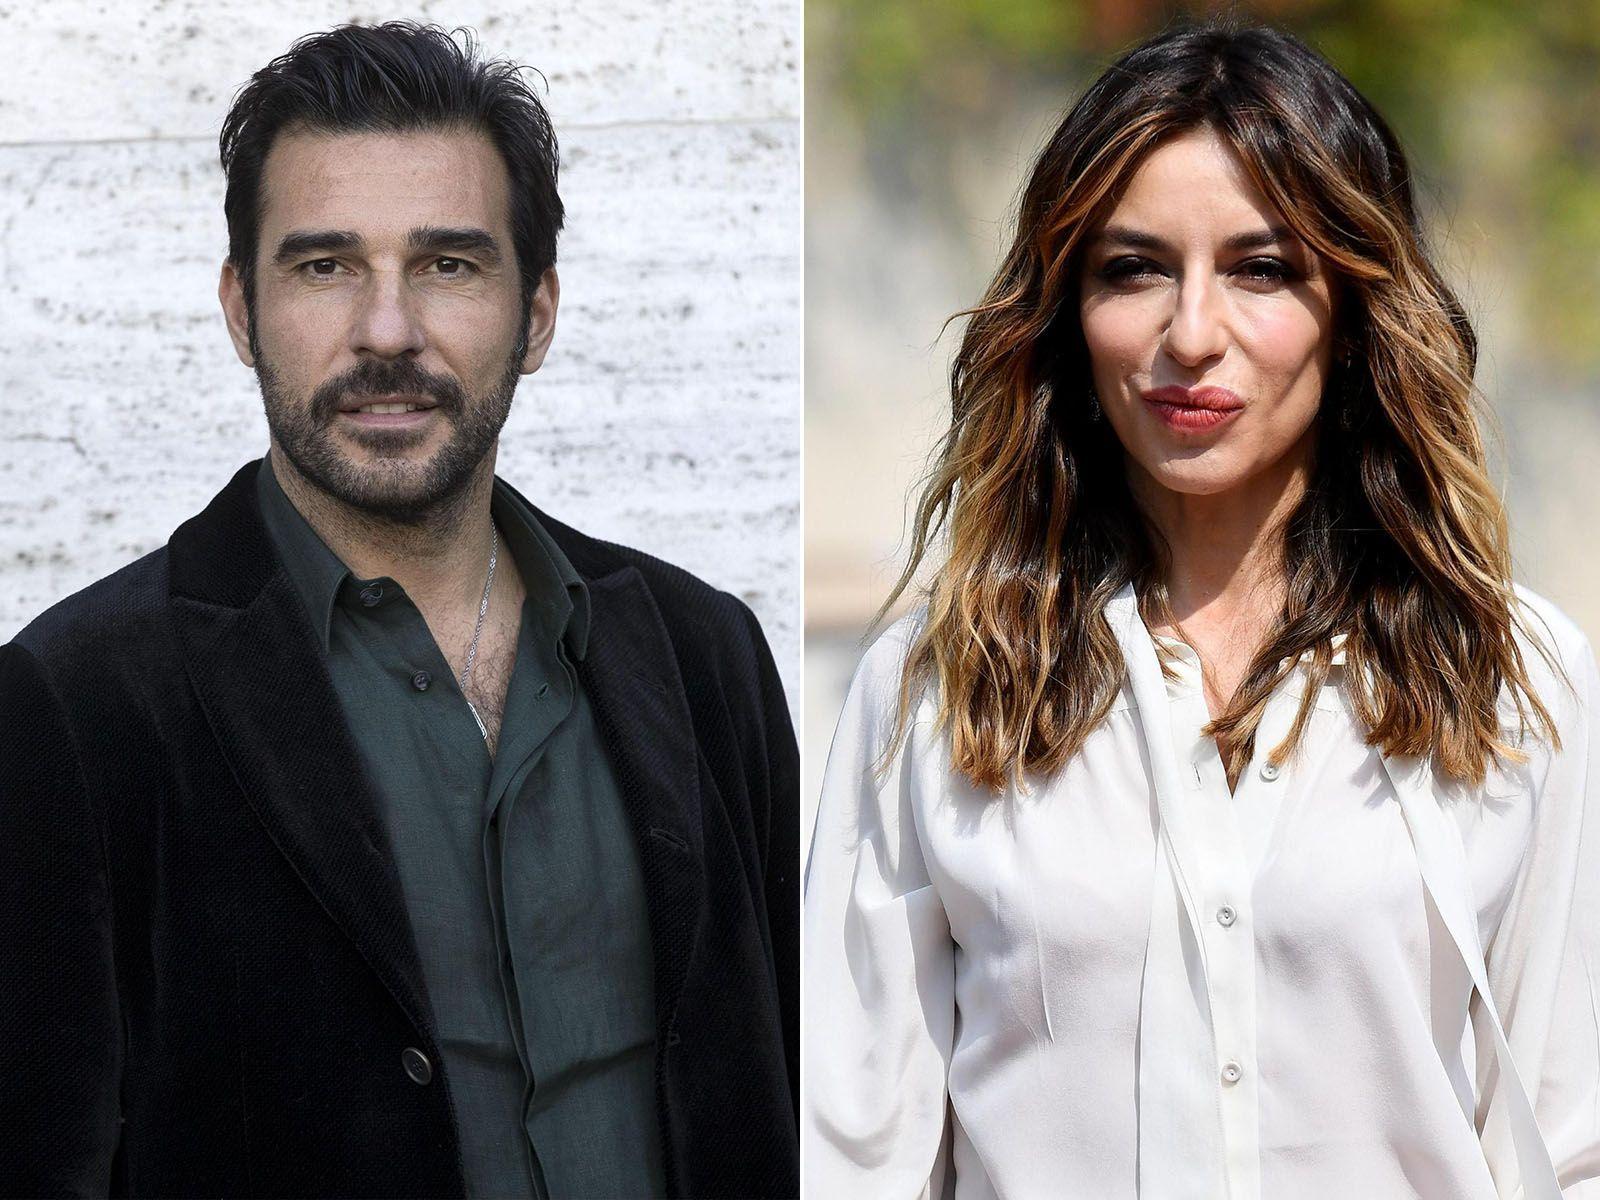 Dopofestival 2018: i conduttori sono Edoardo Leo e Sabrina Impacciatore